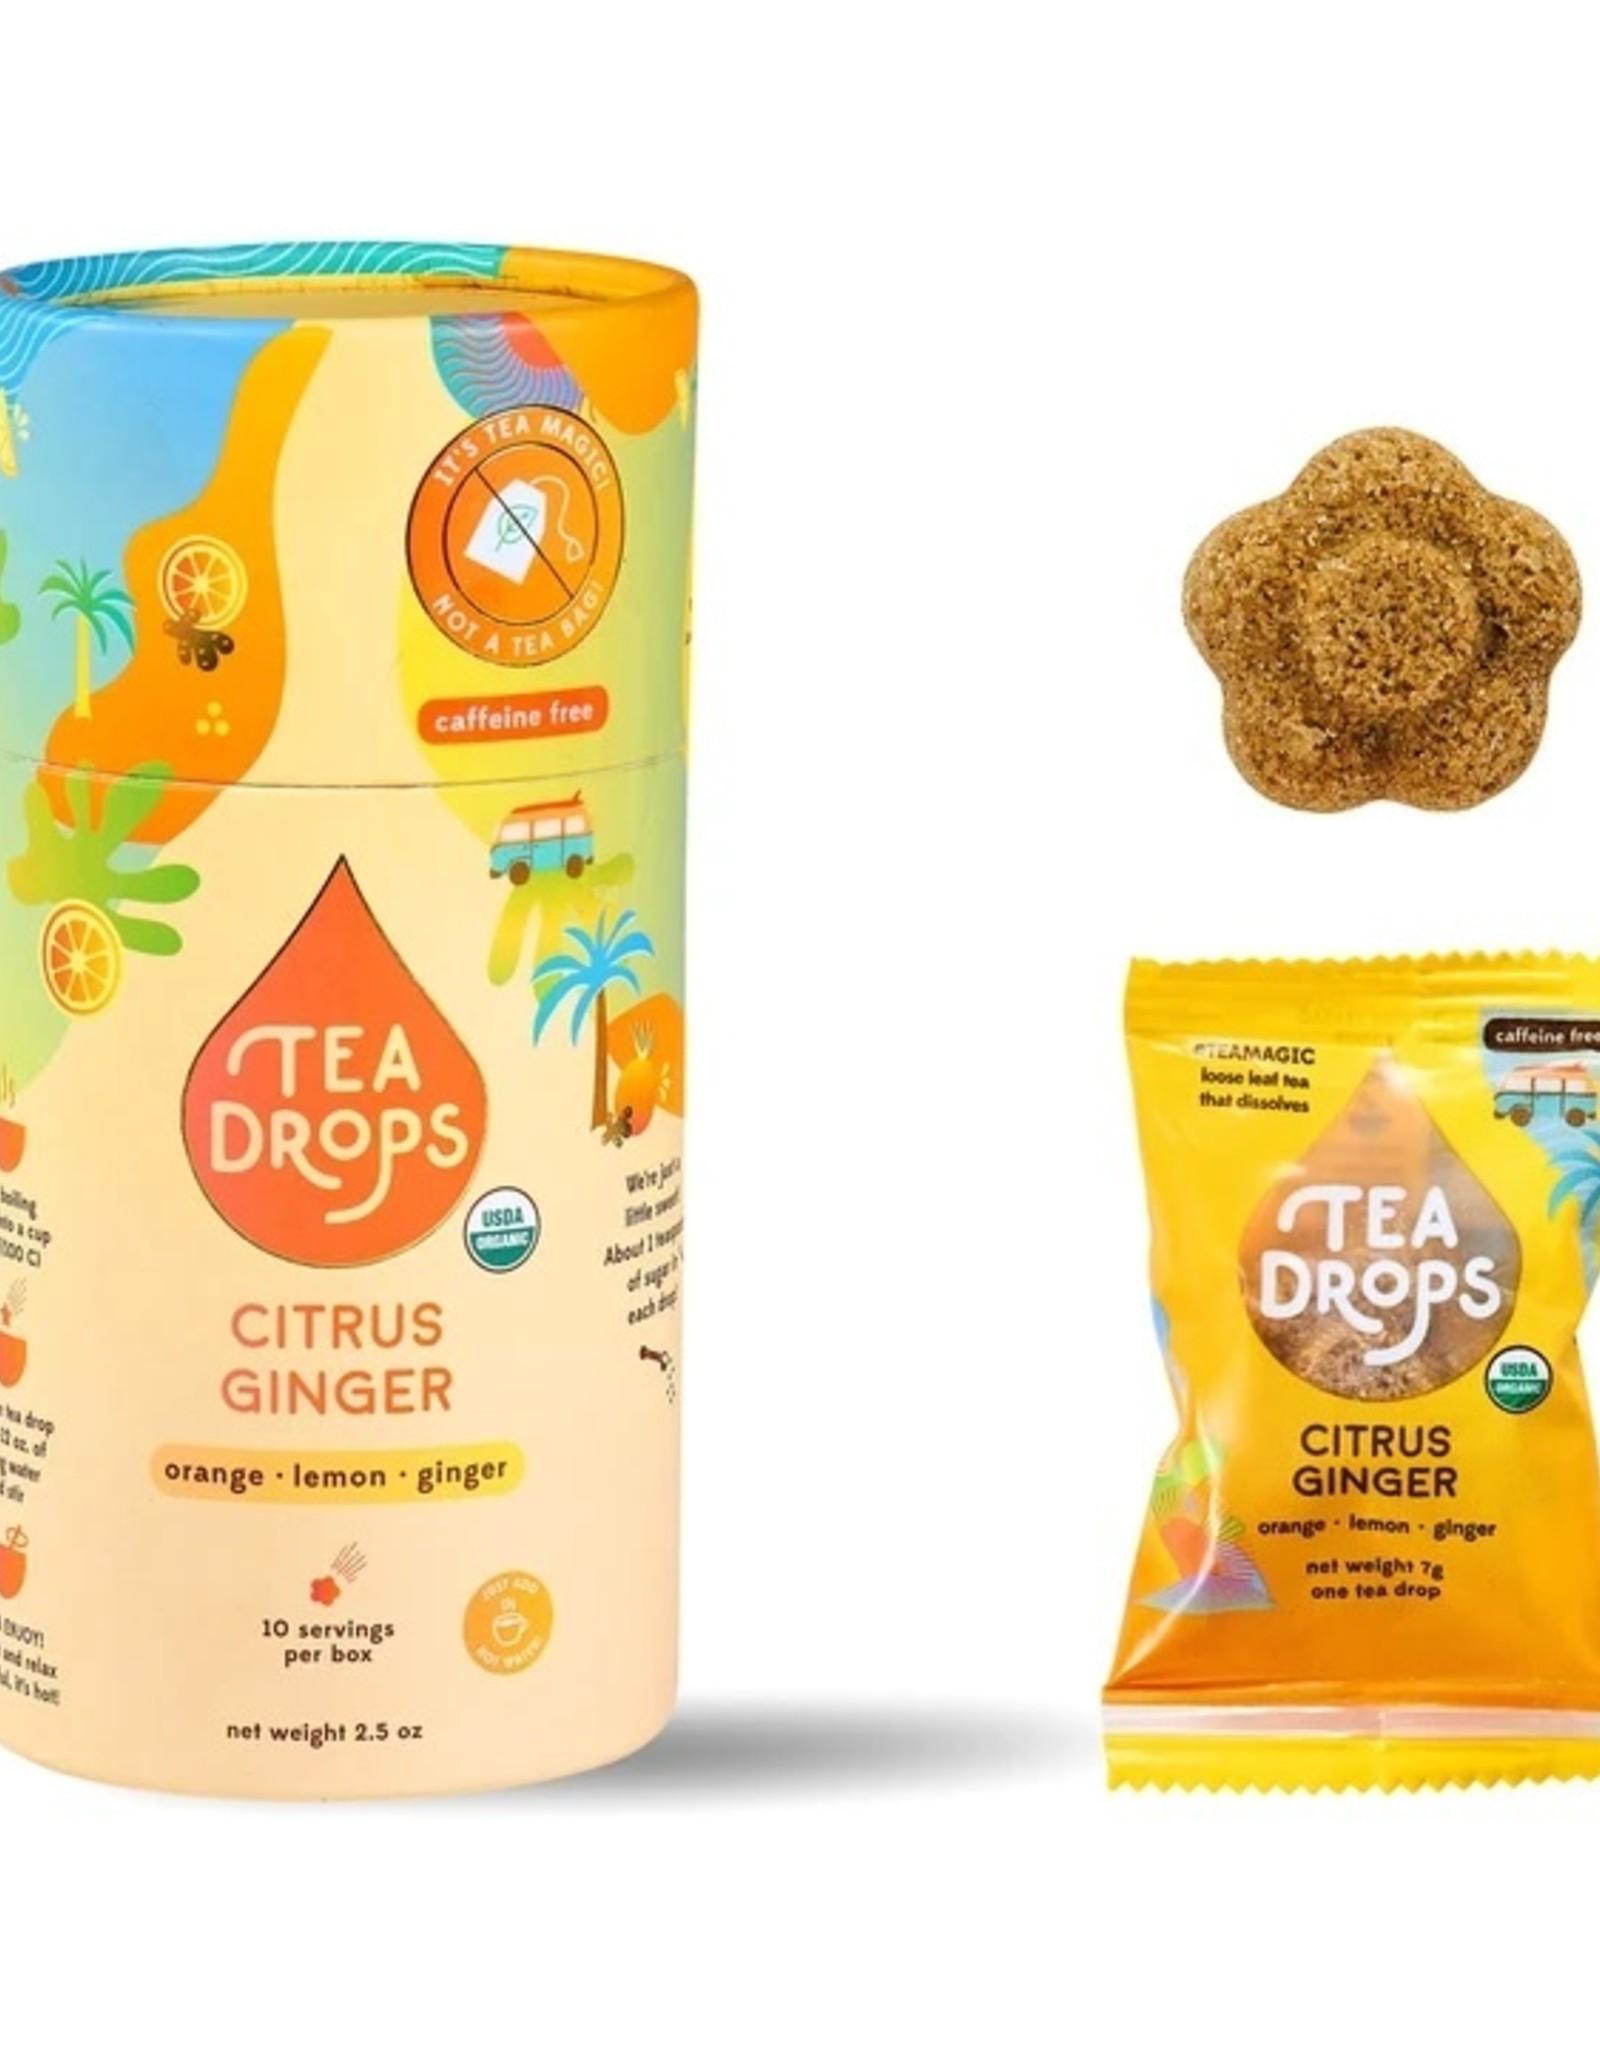 Tea Drops Tea Drops, Citrus Ginger